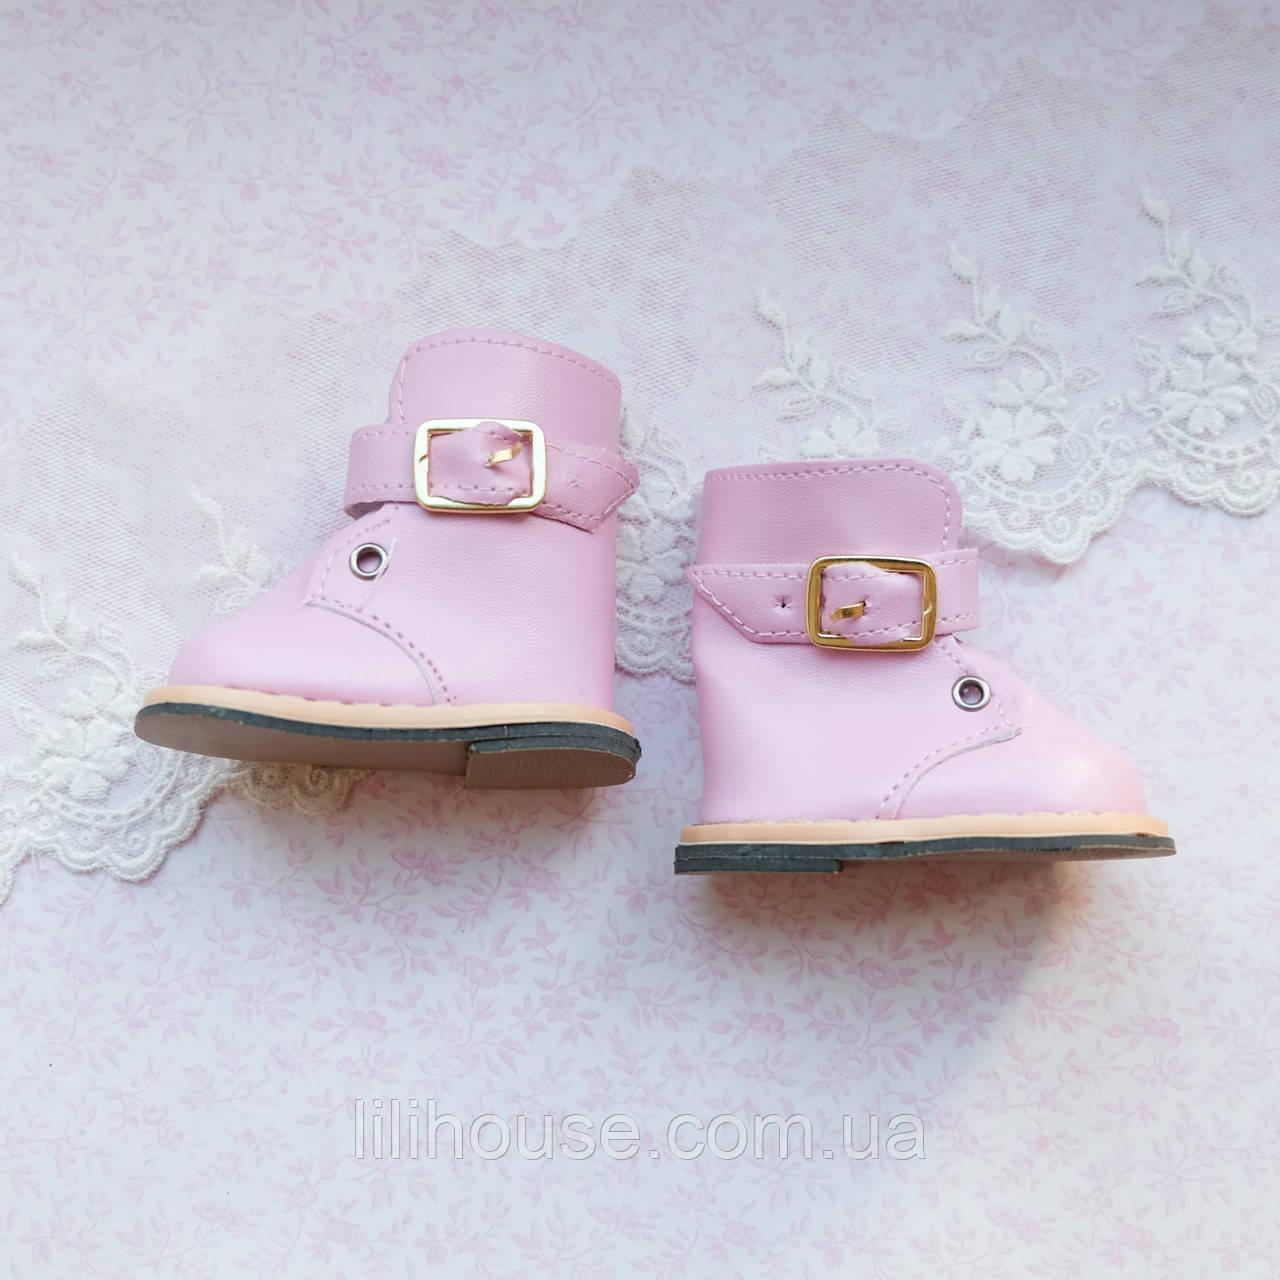 Обувь для кукол Сапожки на Застежке 7.5*4 см РОЗОВЫЕ